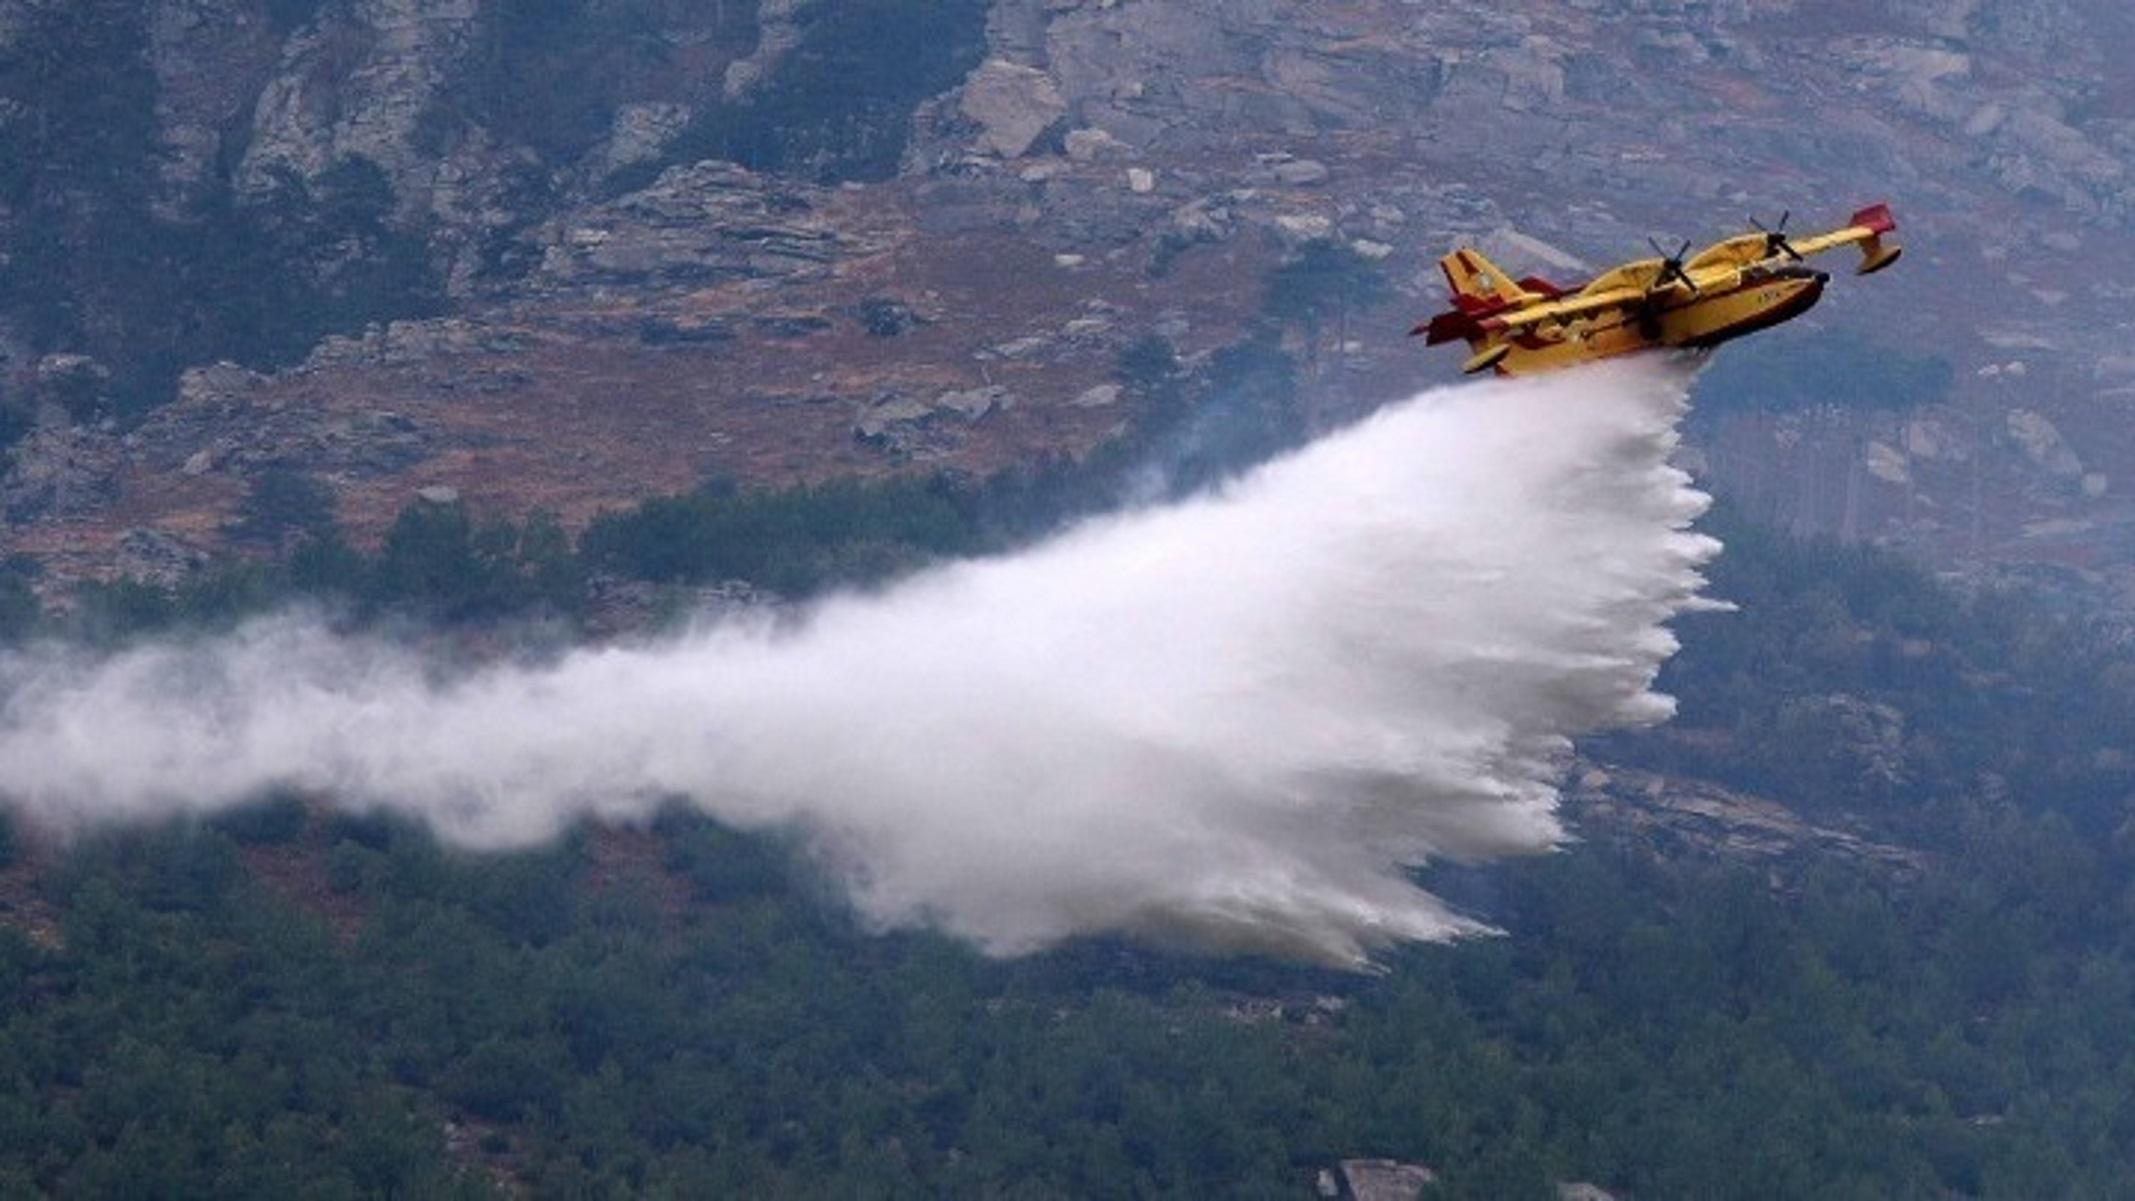 Πυροσβεστική: Η ανάρτηση για την τραγωδία του Ρεθύμνου στις 11 Ιουλίου του 2007